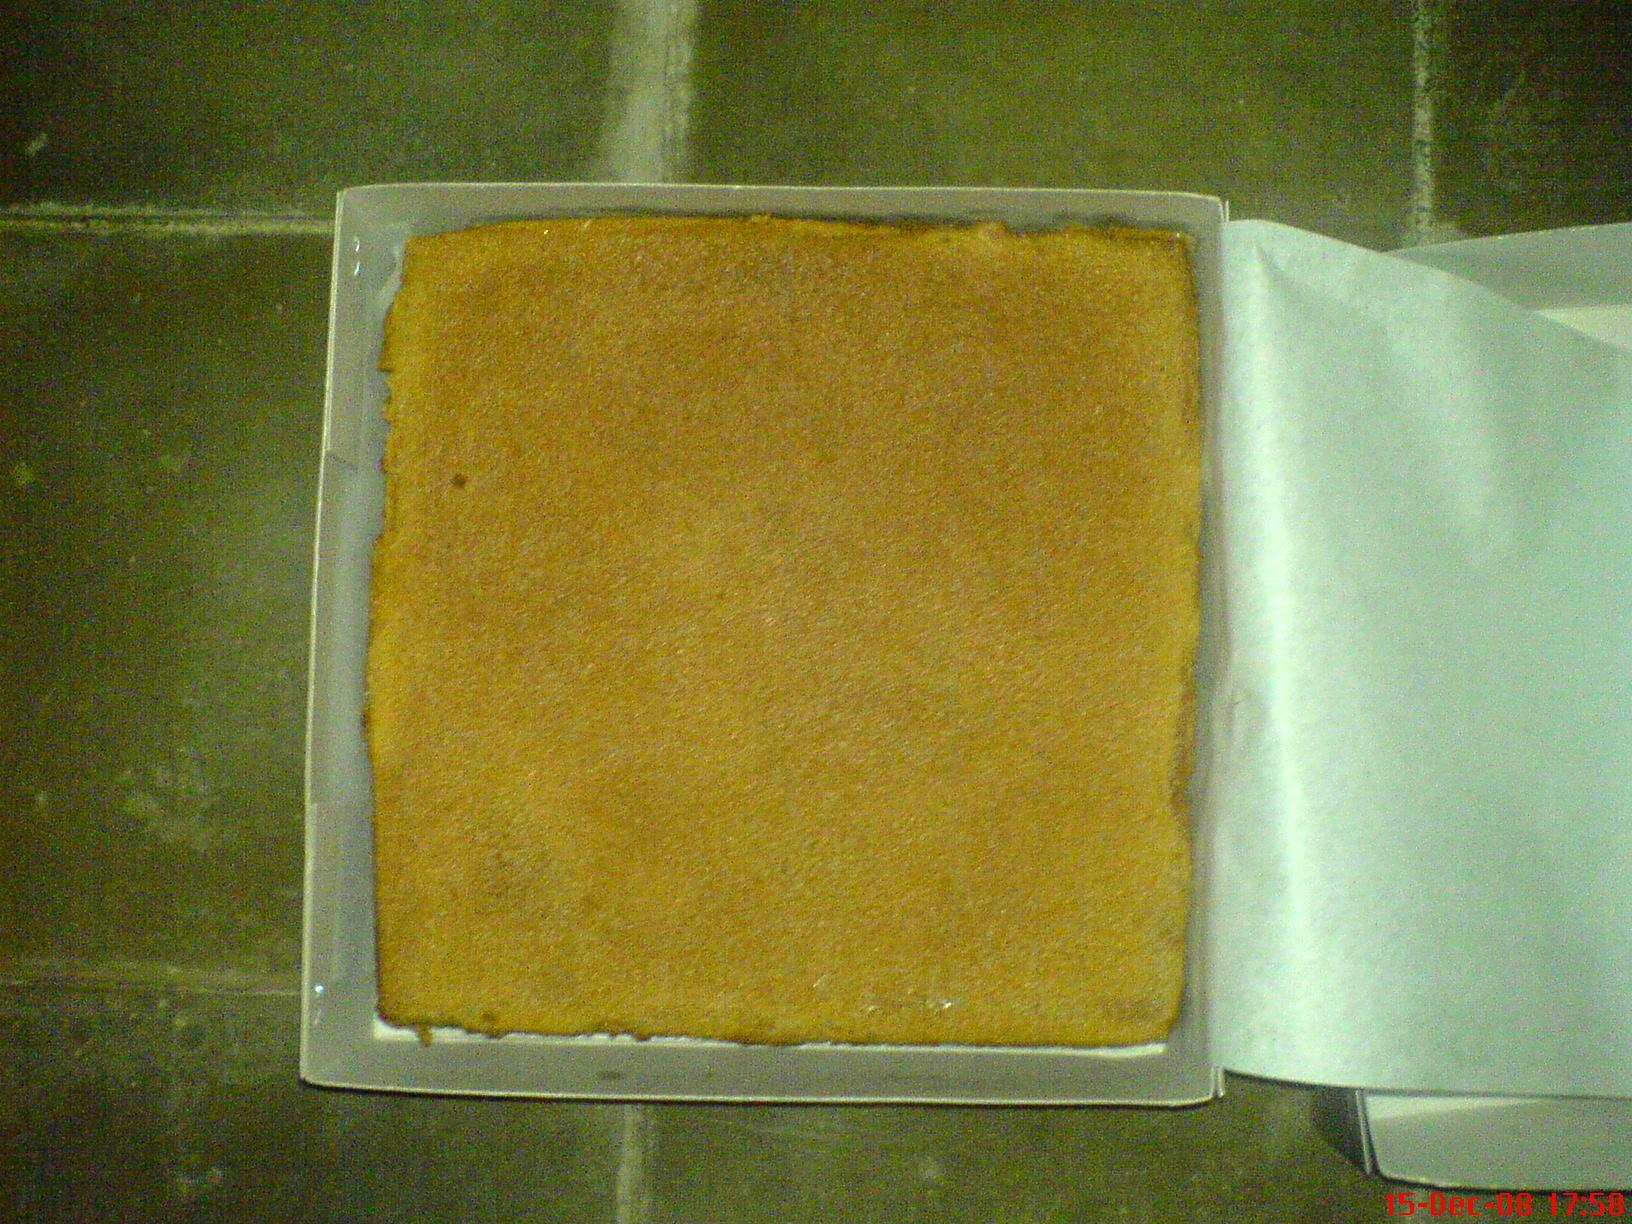 Kue hasil kondagan/nyumbah